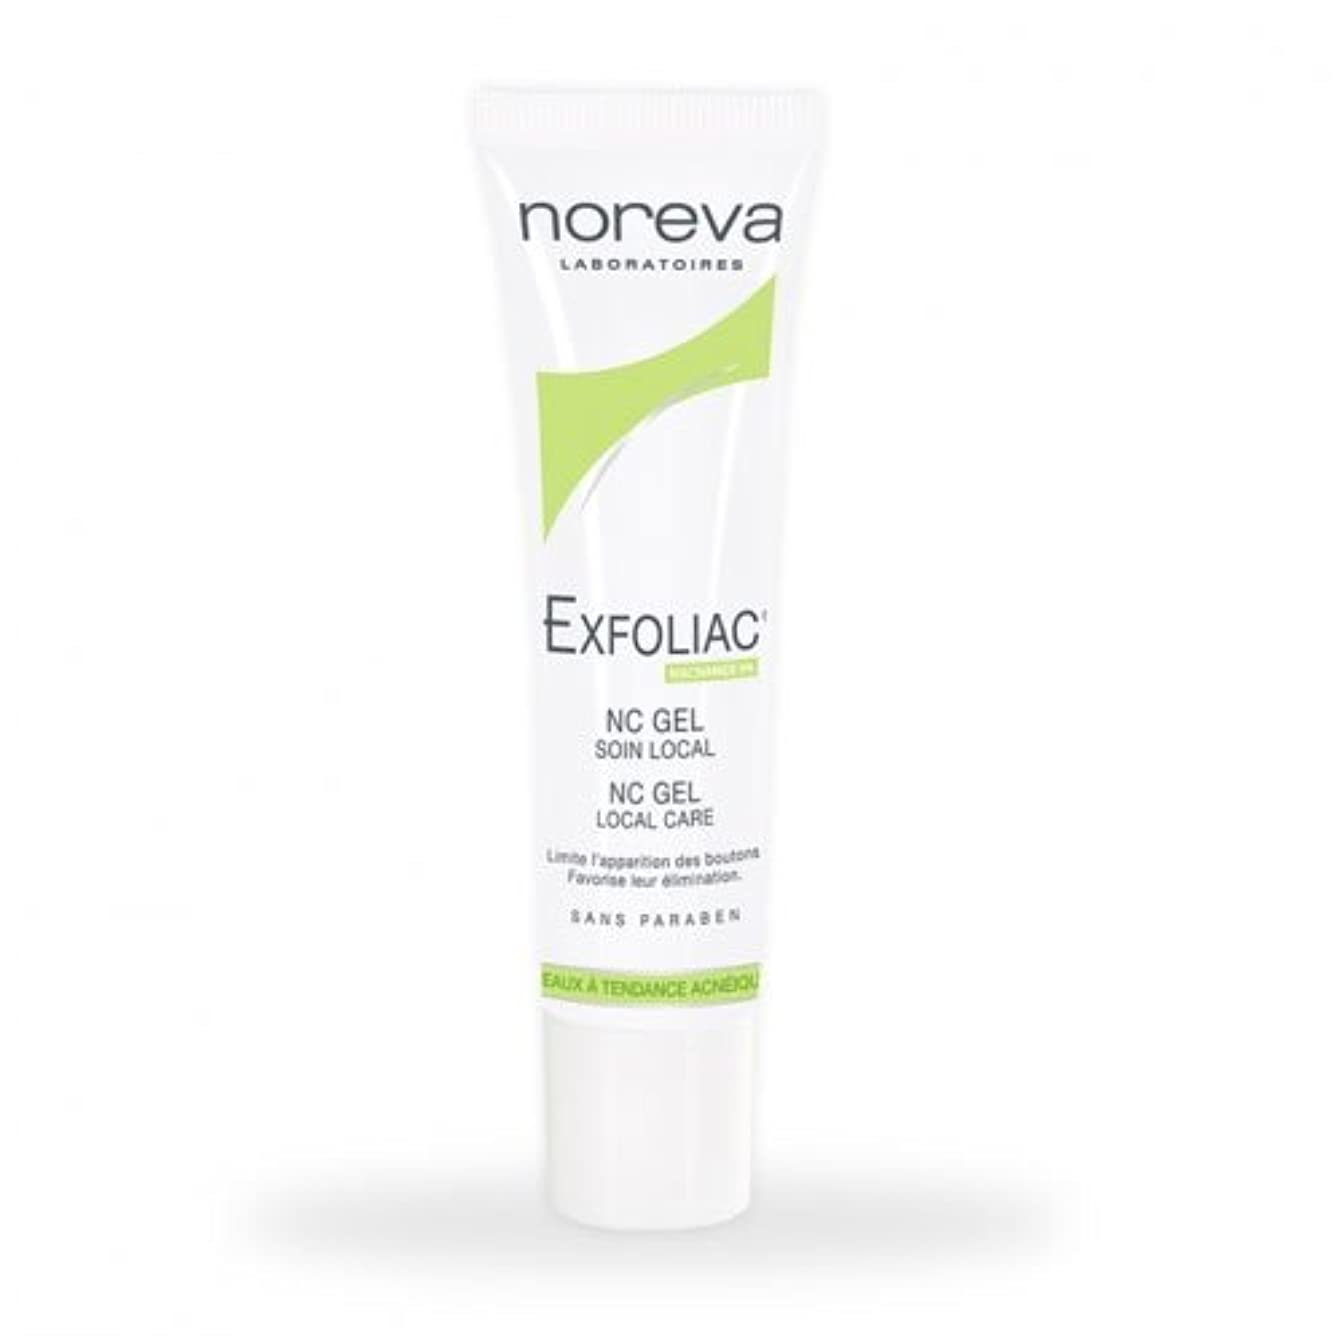 製品お願いします持続的Noreva Exfoliac Nc Gel Local Care 30ml [並行輸入品]